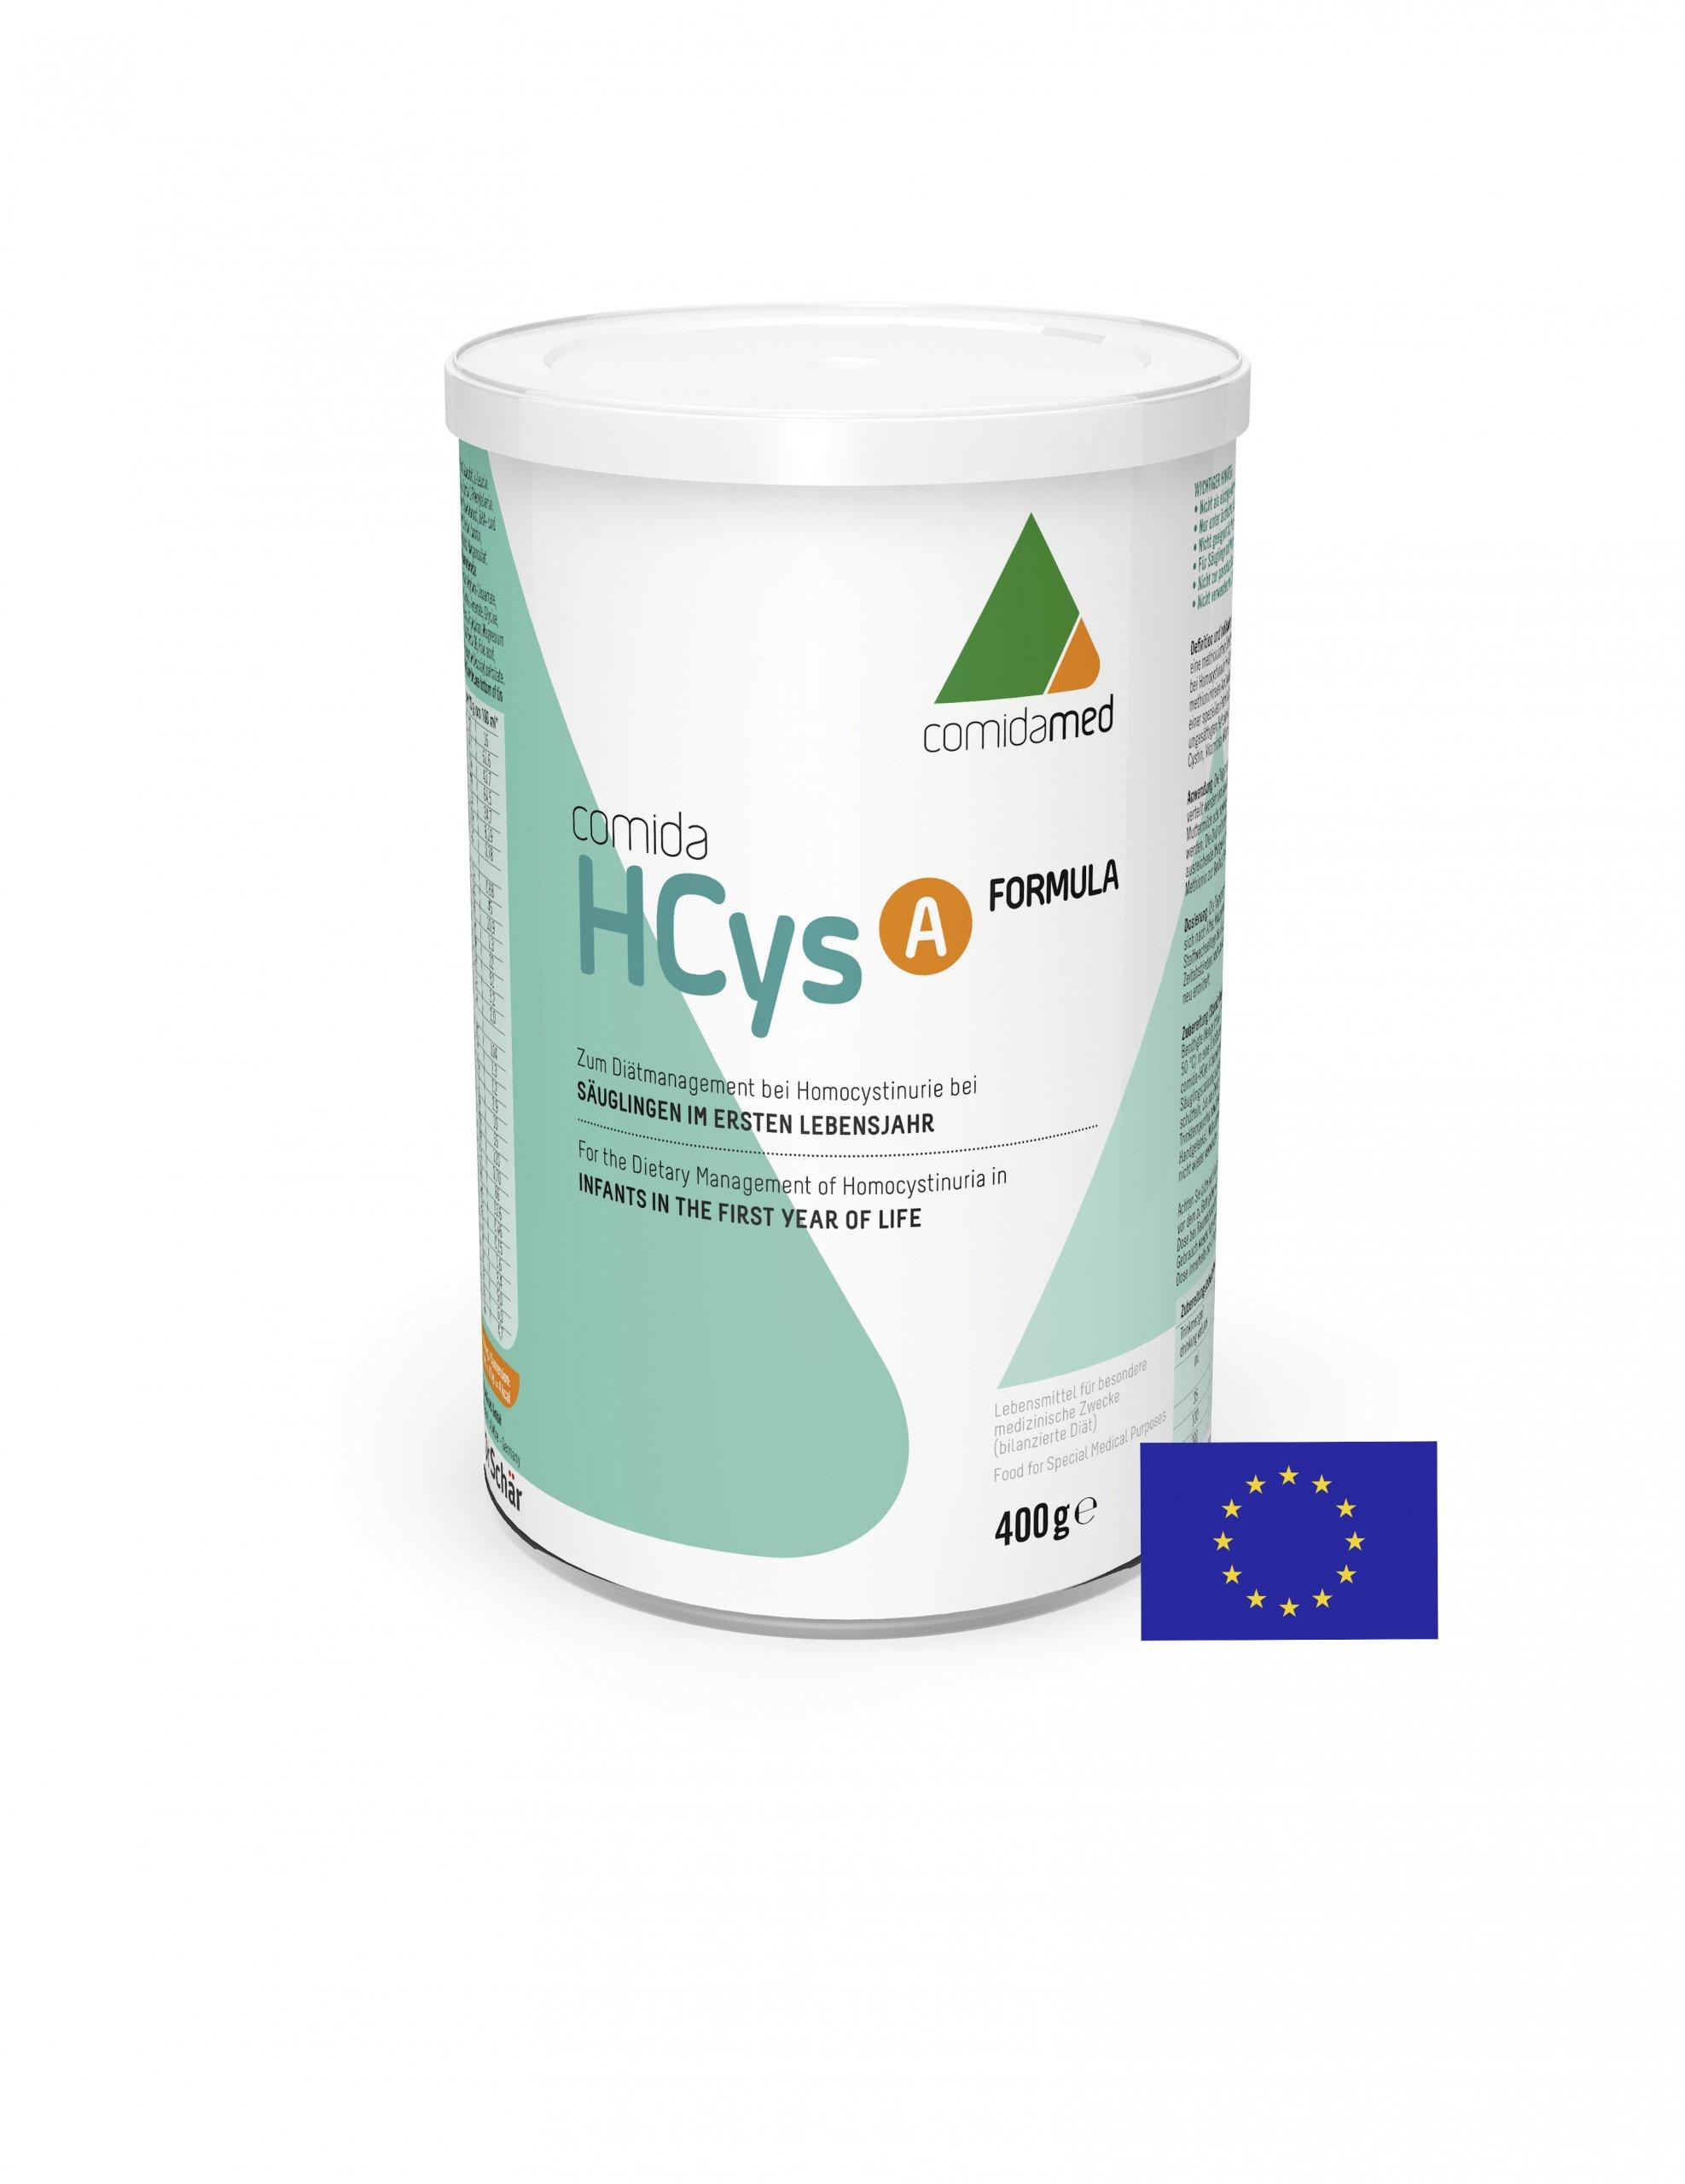 comida-HCys A FORMULA (EU)